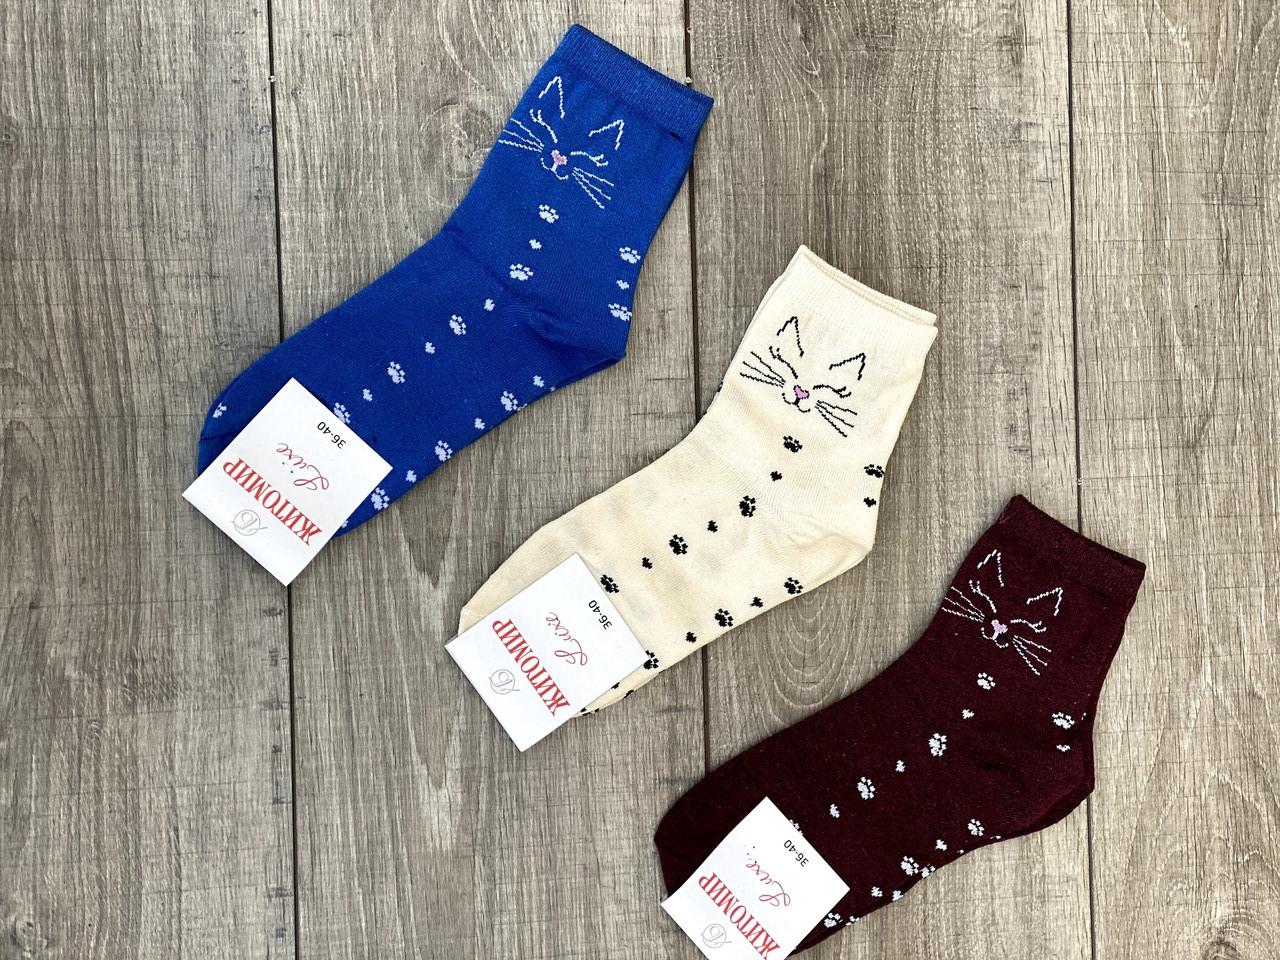 Средние носки стрейчевые Житомир Люкс для женщин с мордочками кисы и следами лапок 36-40 12 шт в уп микс